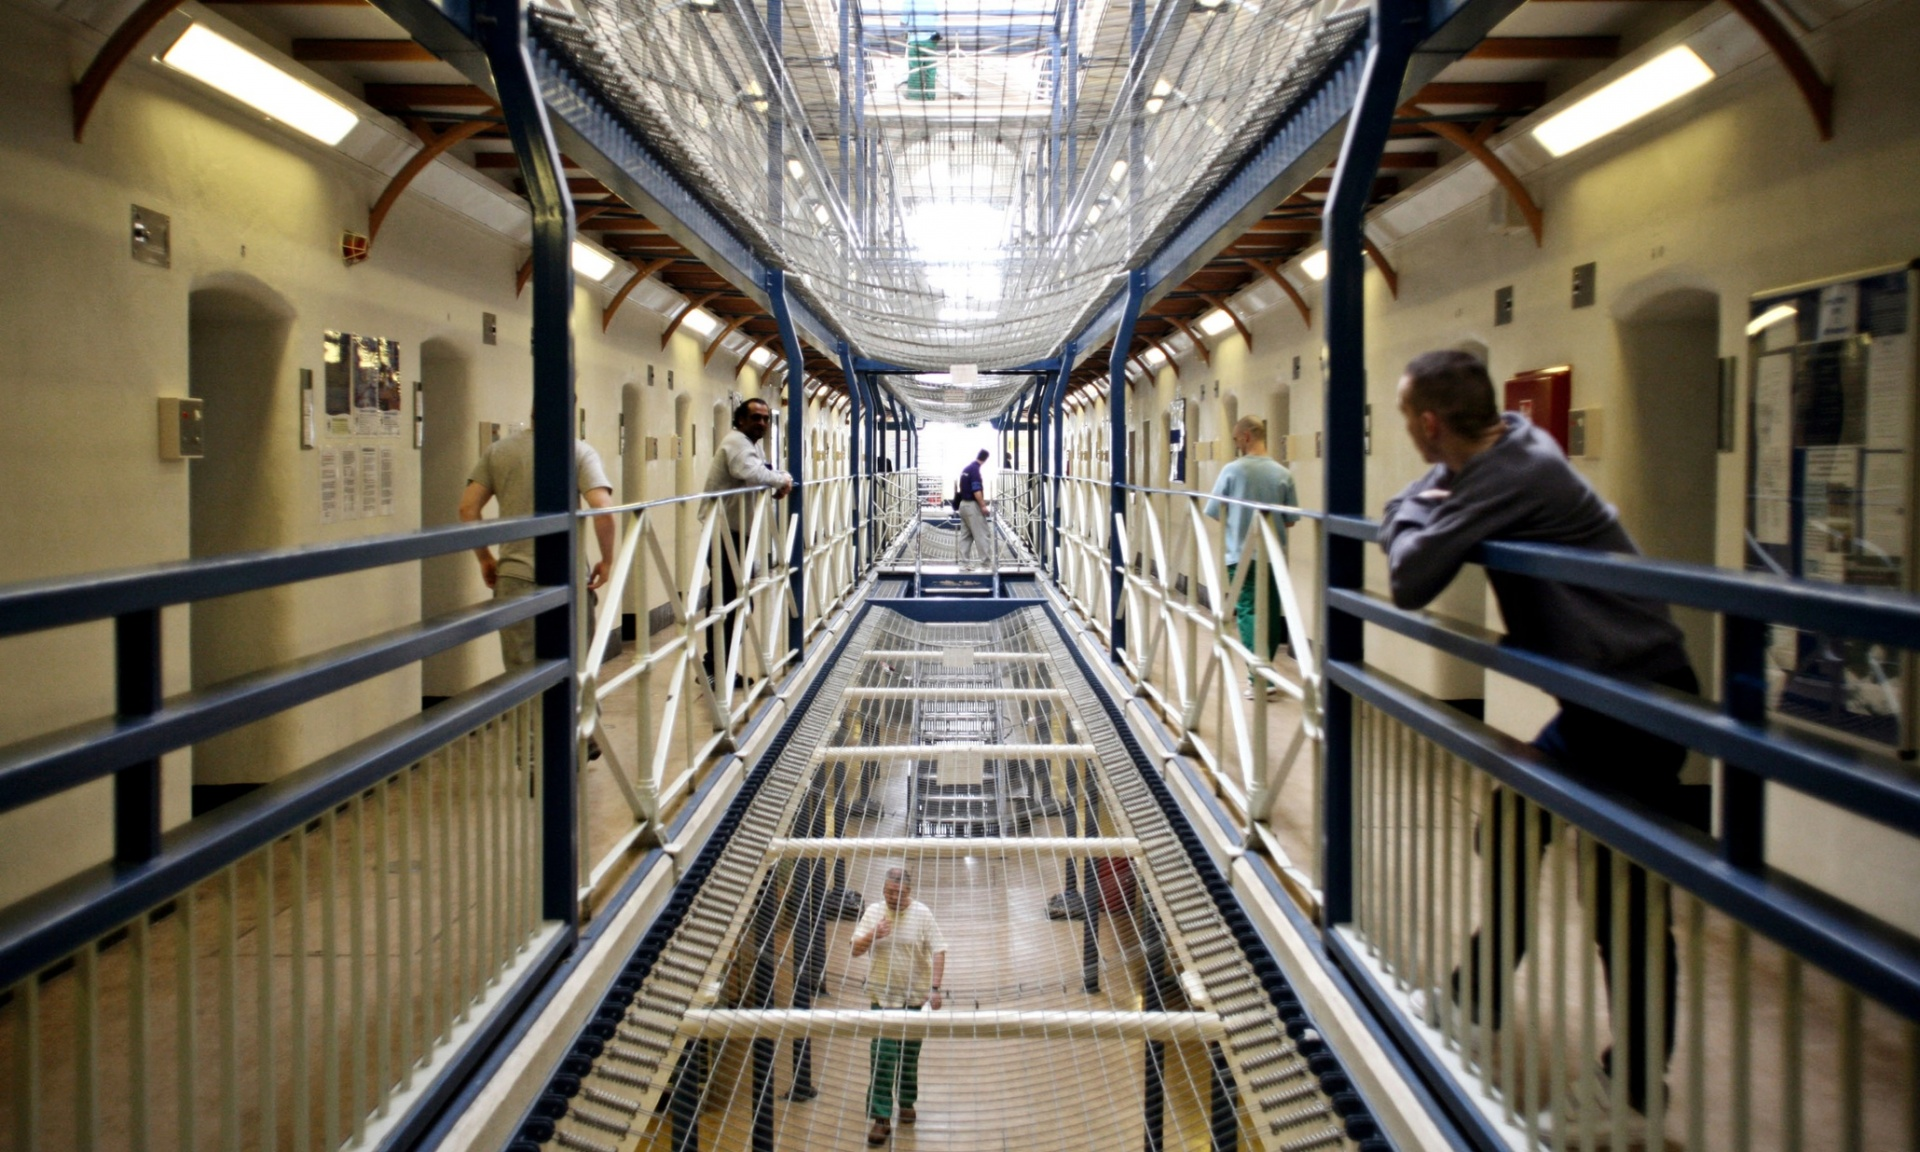 Falsificando una orden de liberación, Moore logró engañar al personal de la cárcel.